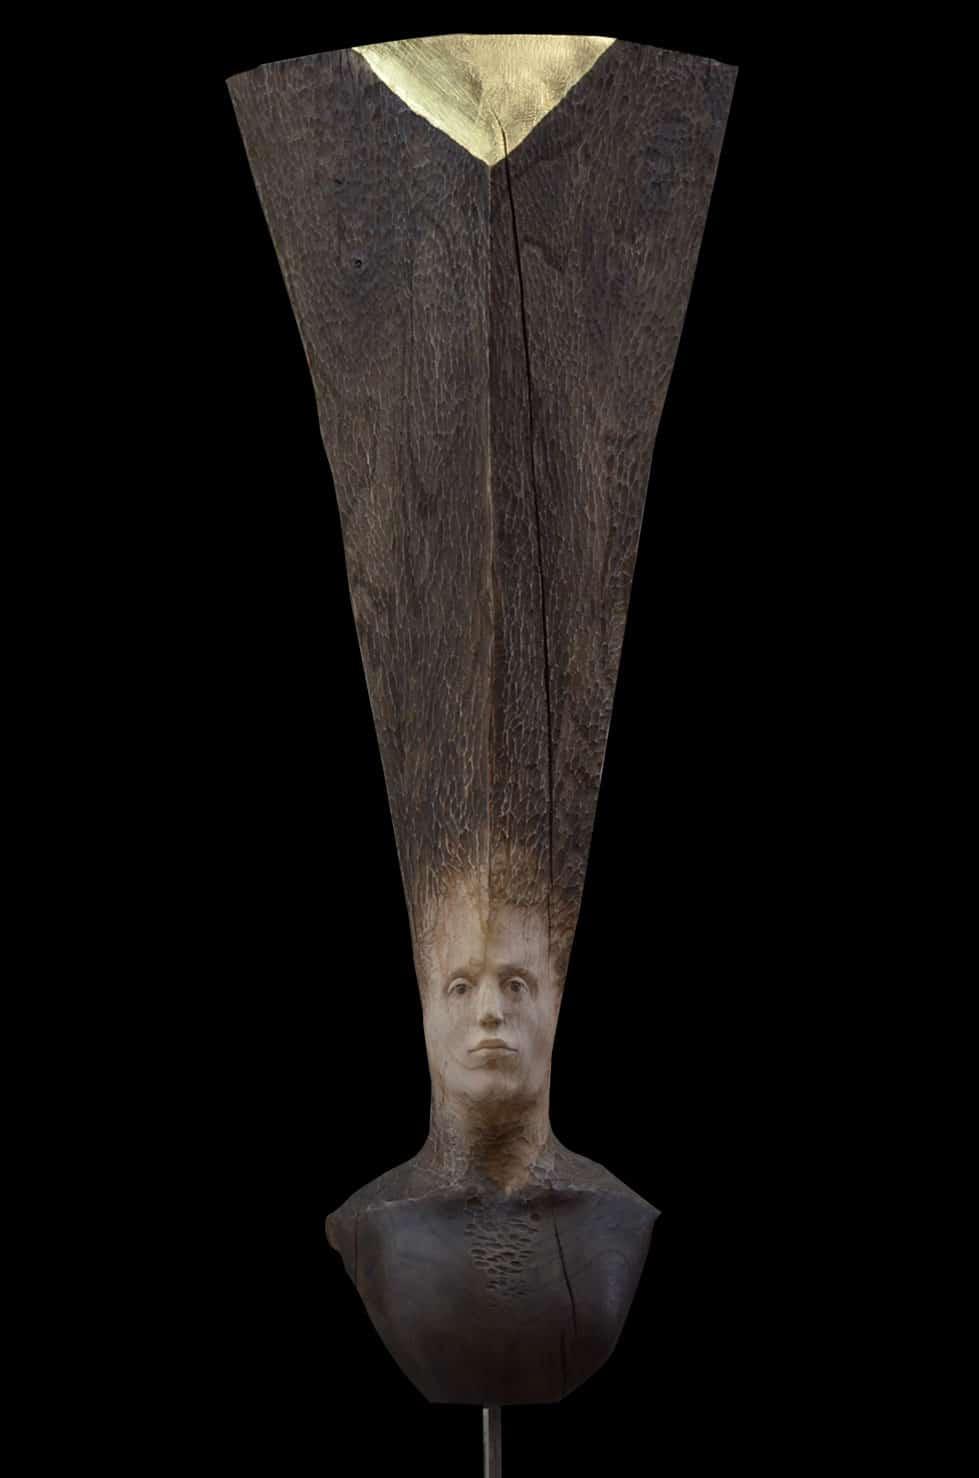 """"""" Eclat Doré marronnier """", 30 x 30 x130 cm, 2017 - Pièce unique"""